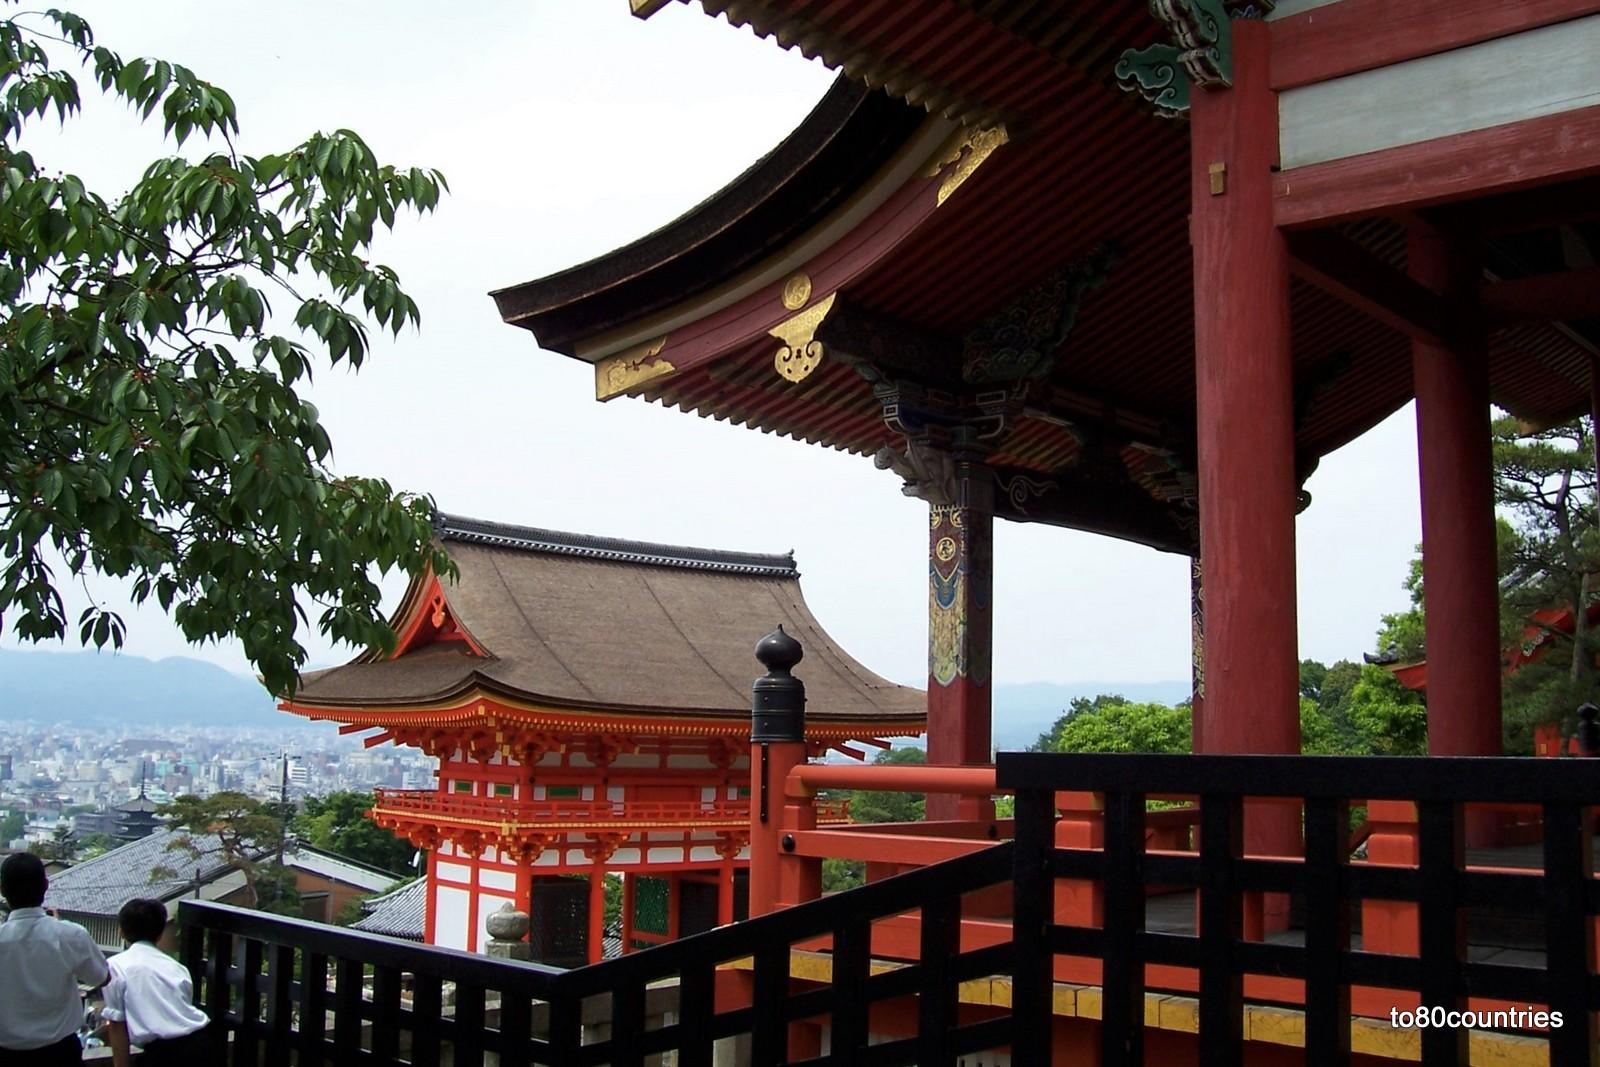 Terrassentempel Kyomizu-dera in Kyoto